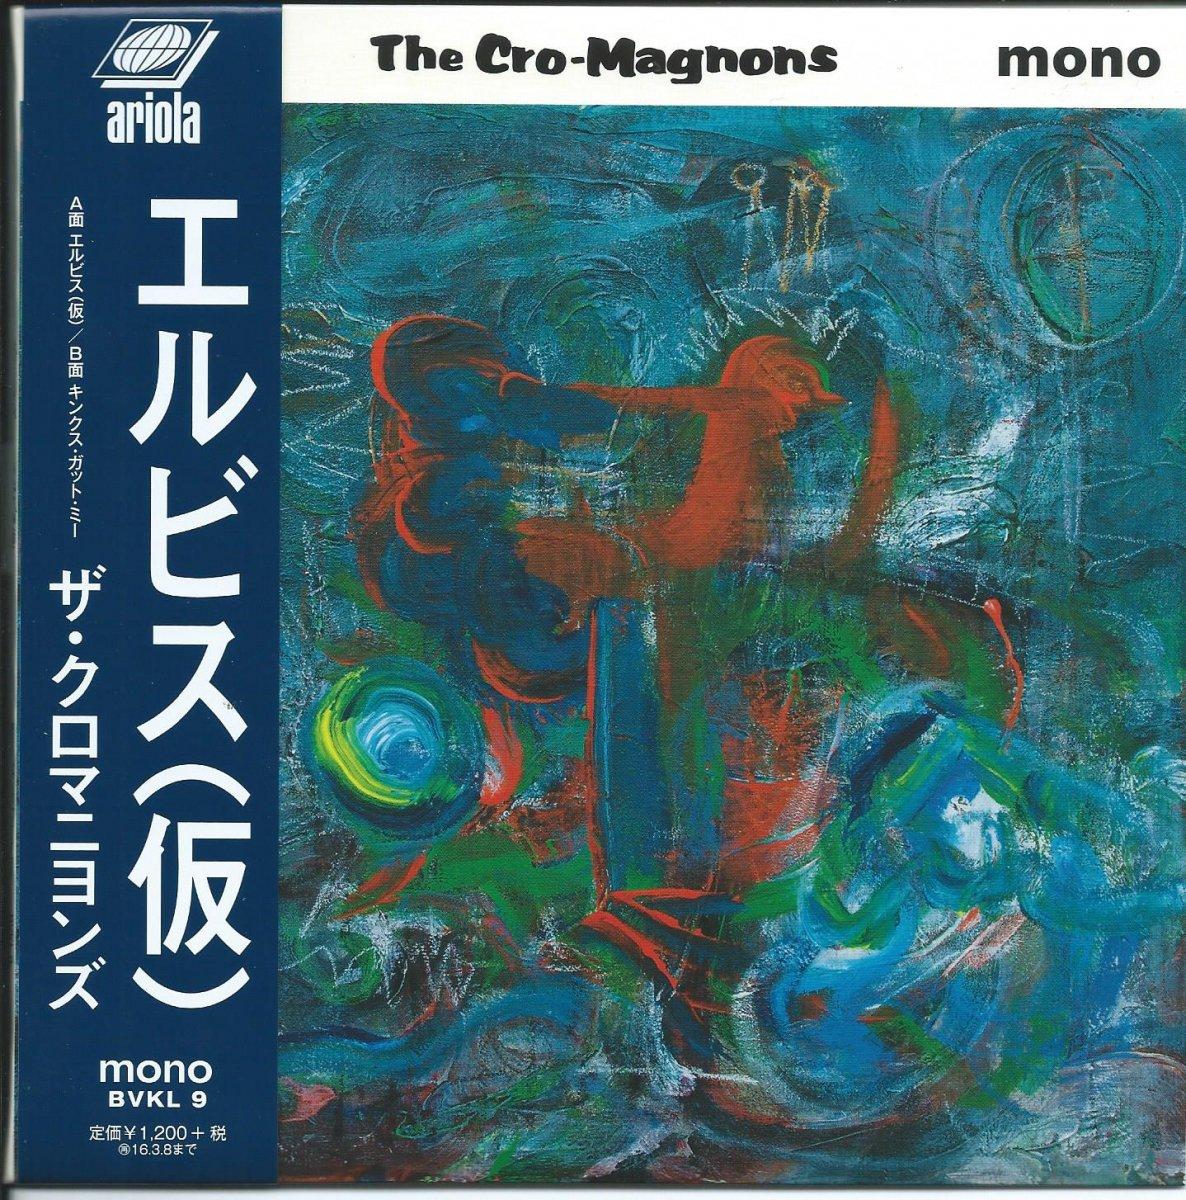 ザ・クロマニヨンズ THE CRO-MAGNONS / エルビス(仮) / キンクス・ガット・ミー (7